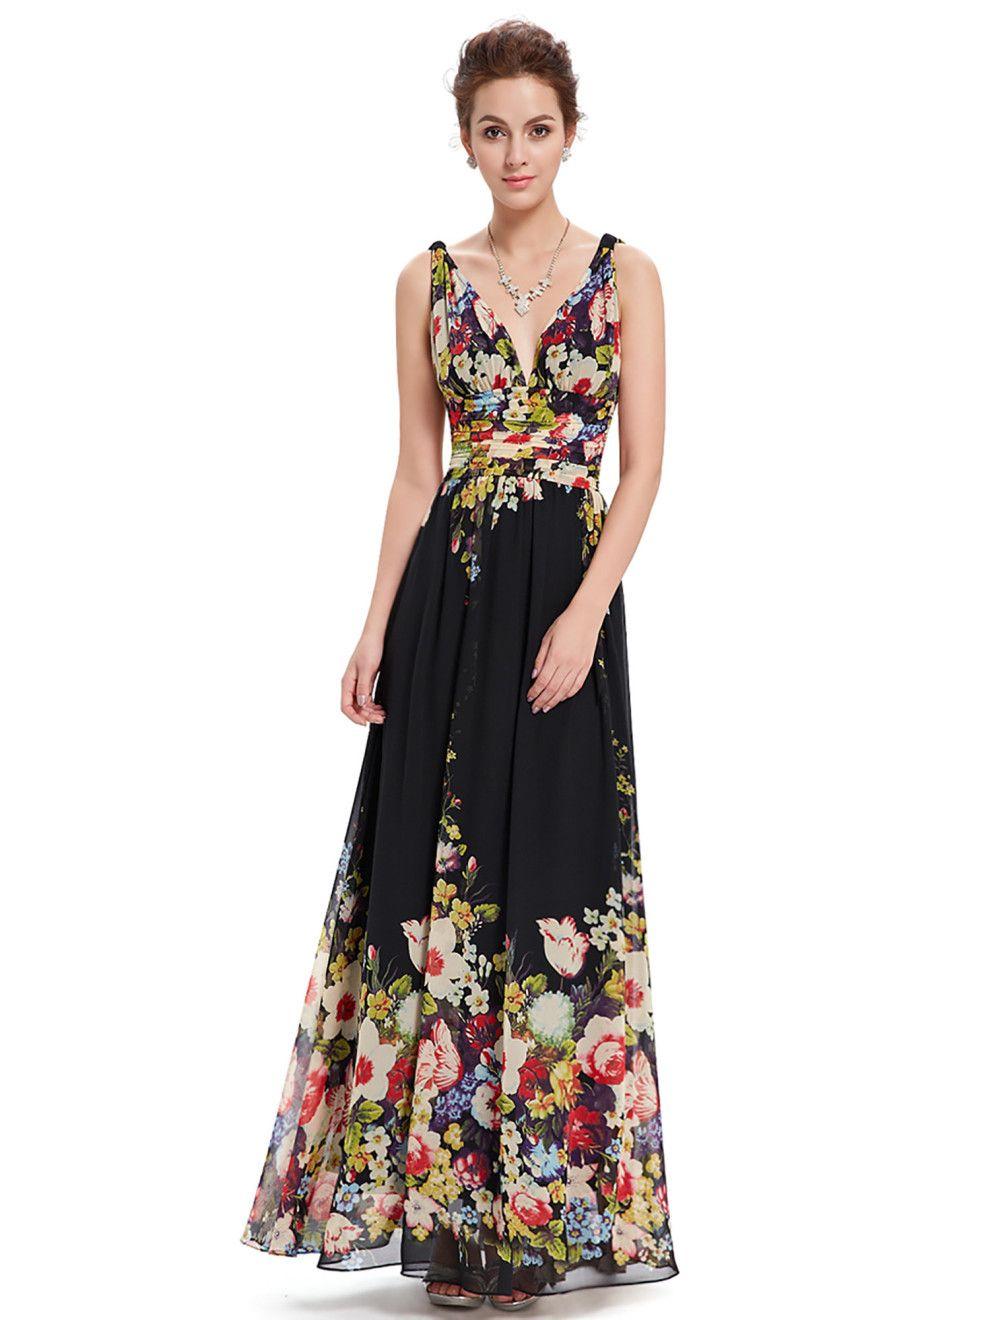 20 Dresses That Ll Have You Saying Okay Walmart I See You Bridesmaid Dresses Long Chiffon Maxi Dress Evening Chiffon Evening Dresses [ 1320 x 990 Pixel ]